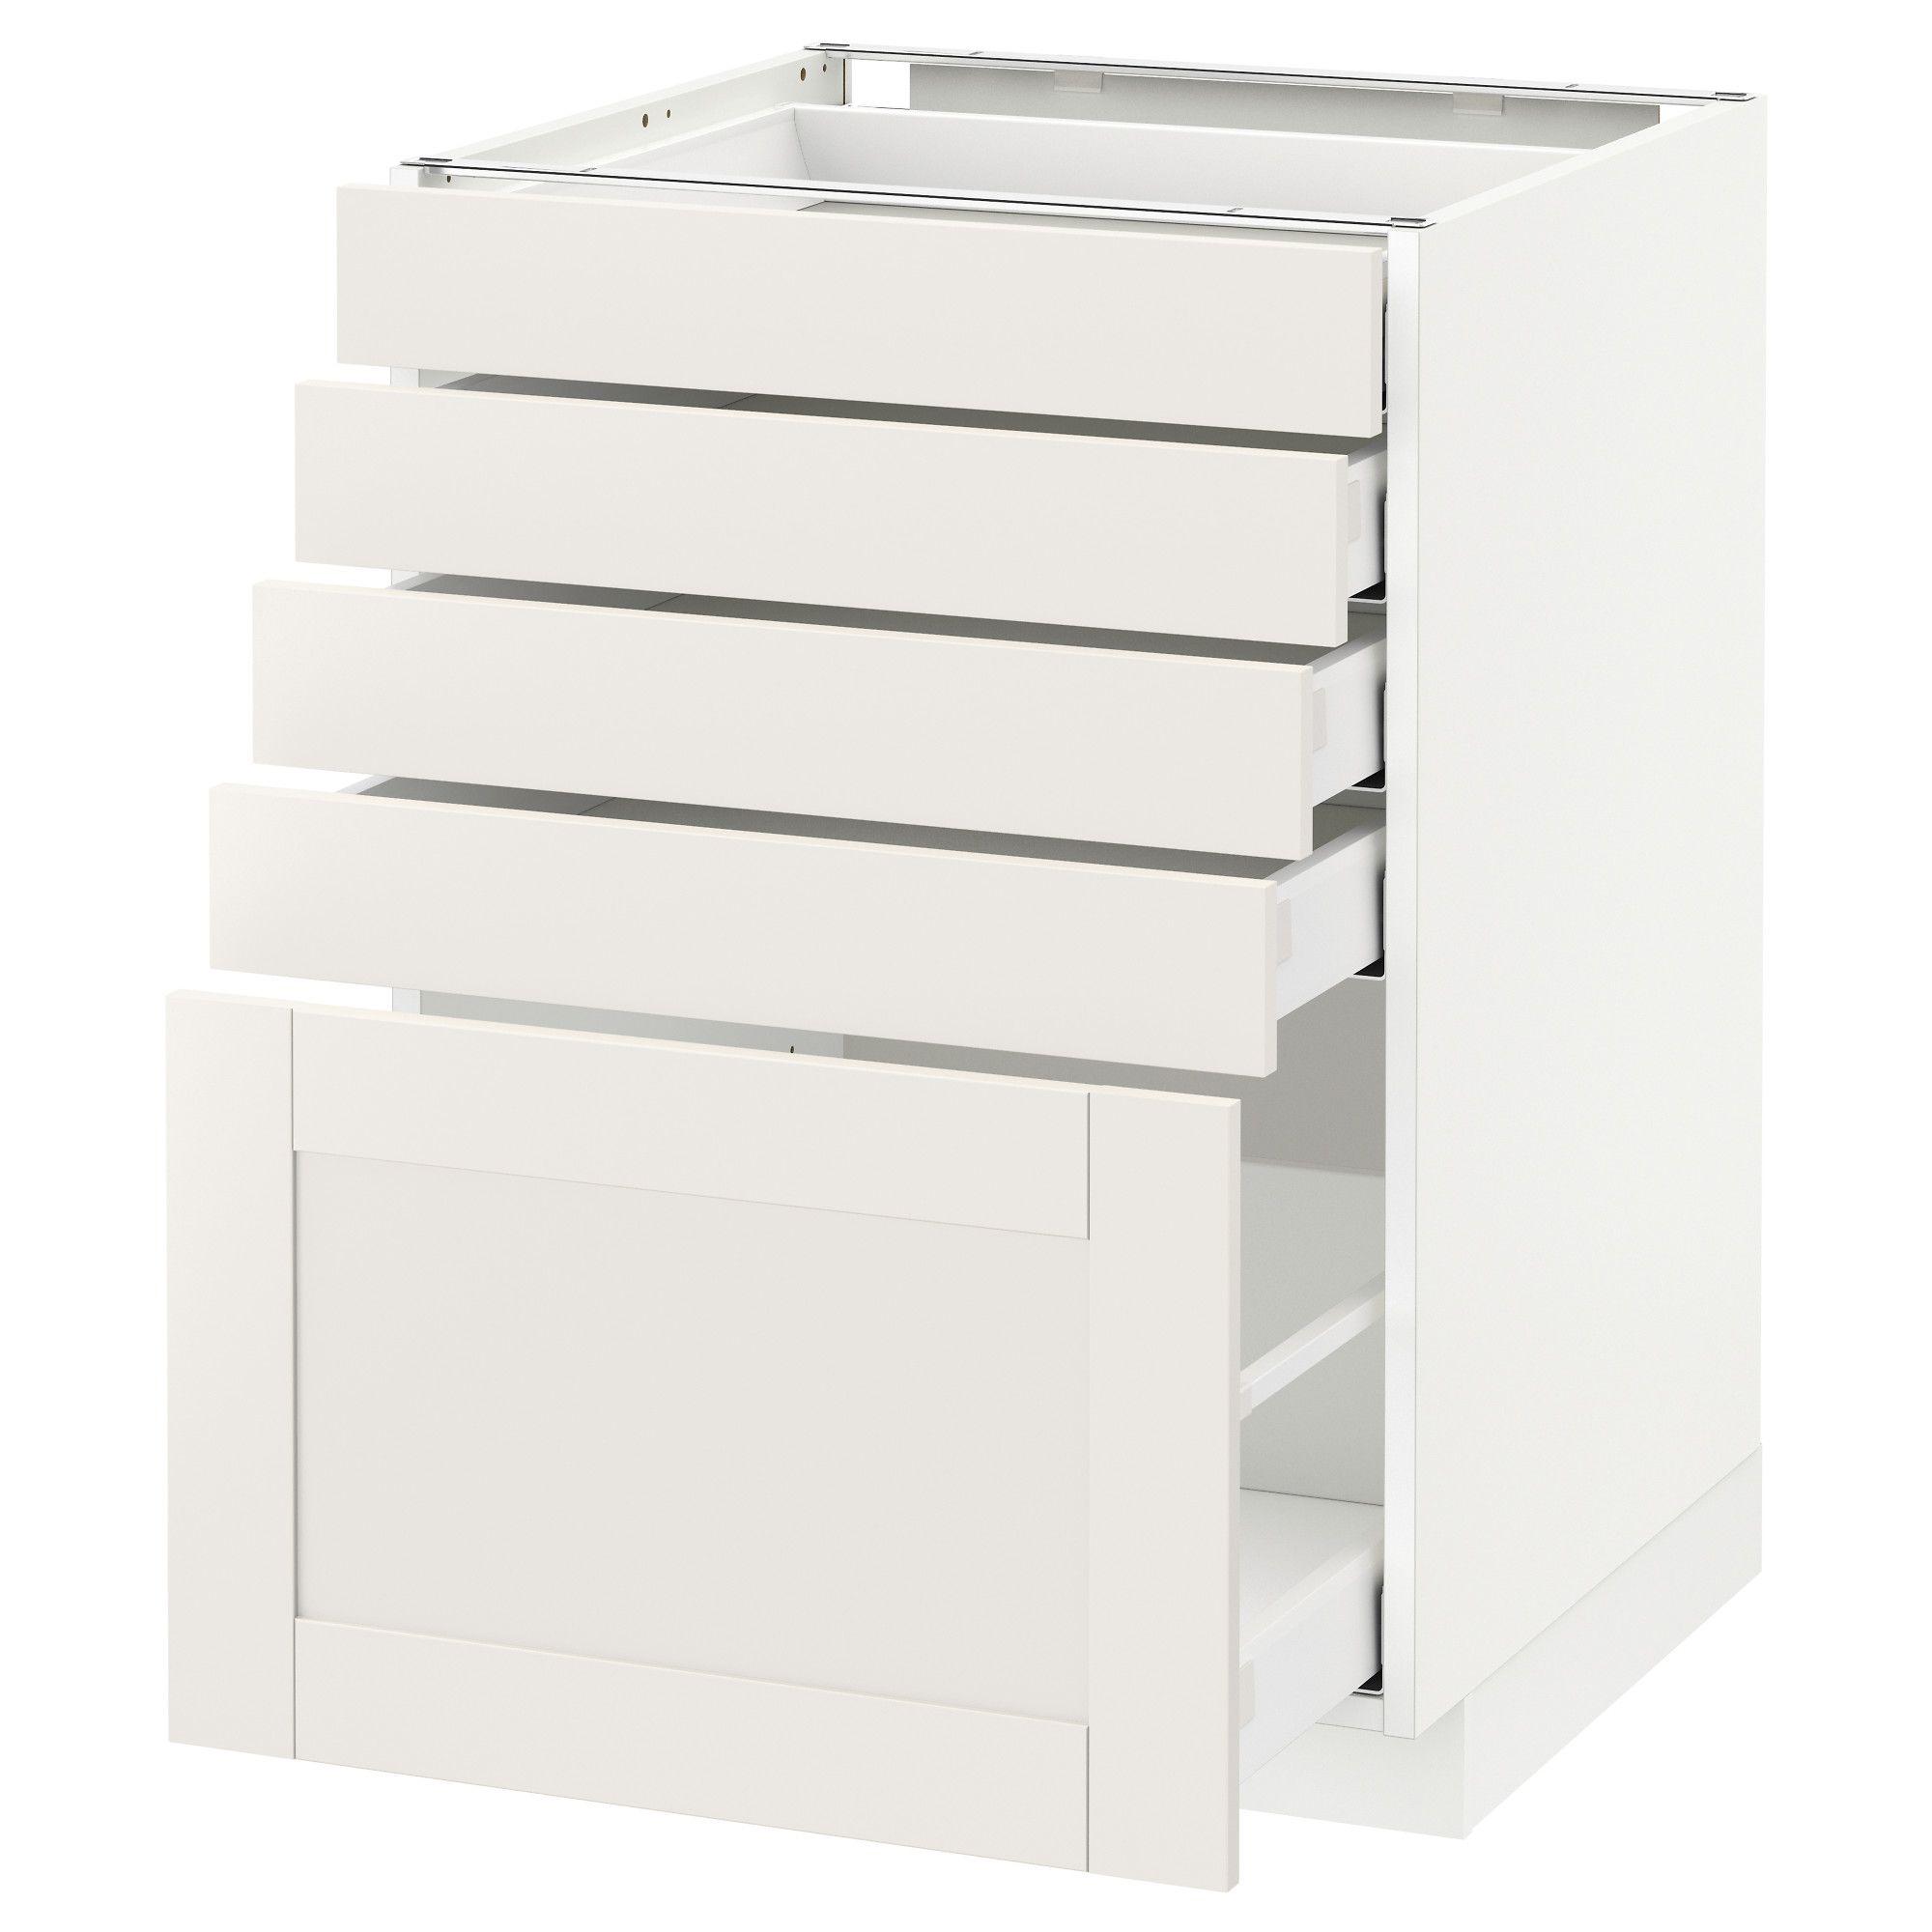 METOD / MAXIMERA, Unterschrank mit 5 Schubladen, weiß